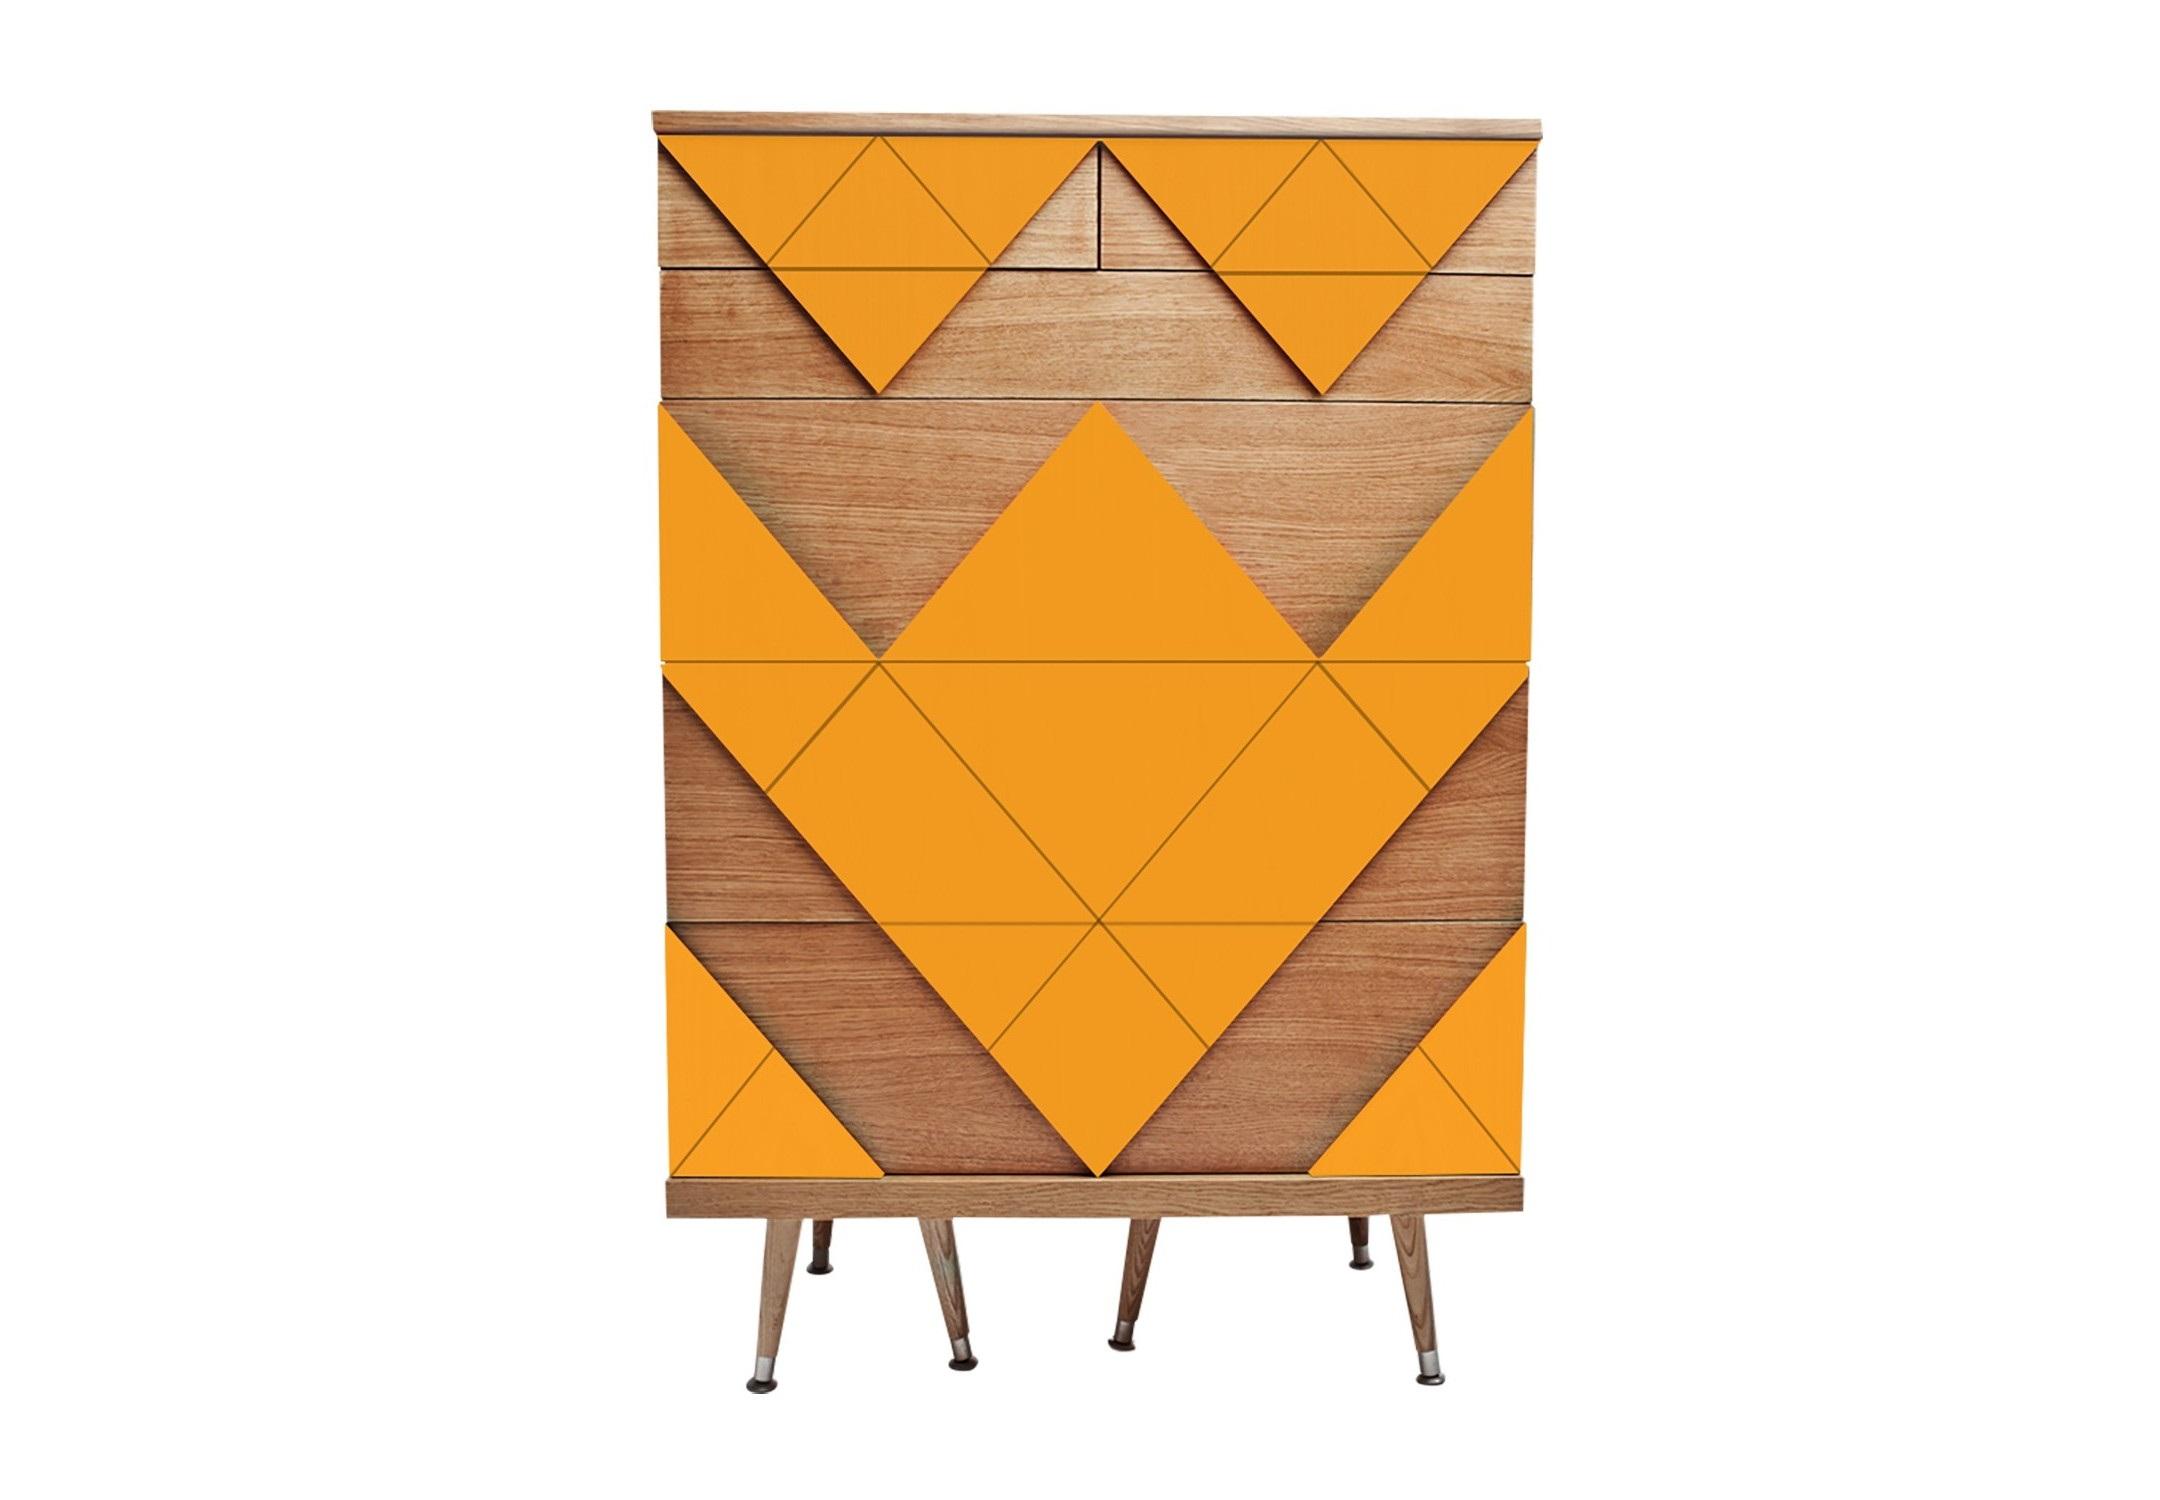 Комод Big WooБельевые комоды<br>&amp;lt;div&amp;gt;Современный комод Big Woo дал начало целой коллекции корпусной мебели Woo Family. Он назван так неслучайно, Big Woo является самым вместительным и большим комодом Woodi Furniture. Комод Big Woo имеет достаточно традиционную форму с тремя выдвижными ящиками большого размера, для хранения крупных предметов, и тремя ящиками меньшего размера, для хранения ценных мелочей и небольших предметов гардероба. Комод с ящиками идеально подойдет тем, кто предпочитает закрытые системы хранения одежды в спальне или гардеробной, или для тех, кто ищет мебель для гостиной с возможностью хранения различных вещей.&amp;amp;nbsp;&amp;lt;/div&amp;gt;&amp;lt;div&amp;gt;&amp;lt;br&amp;gt;&amp;lt;/div&amp;gt;&amp;lt;div&amp;gt;Корпус комода с выдвижными ящиками изготовлен из МДФ и покрыт натуральным дубовым шпоном. Фасады ящиков украшает двухмерный геометрический узор окрашенный в различные цвета из палитры Woodi Furniture. Выдвижные ящики комода открываются легким нажатием на центр ящика. Внутри ящики изготовлены из ЛДСП повторяющего текстуру и цвет дубового шпона. Дизайнерский комод Big Woo опирается на шесть ножек конической формы, выполненных из массива бука, что визуально добавляет легкости комоду. Нижняя часть ножек украшена металлическими наконечниками стального цвета.&amp;lt;/div&amp;gt;&amp;lt;div&amp;gt;&amp;lt;br&amp;gt;&amp;lt;/div&amp;gt;&amp;lt;div&amp;gt;Материал: Корпус - МДФ, лакированный дубовый шпон, краска; ножки – массив бука, лак.&amp;lt;/div&amp;gt;<br><br>Material: МДФ<br>Ширина см: 80.0<br>Высота см: 120.0<br>Глубина см: 50.0